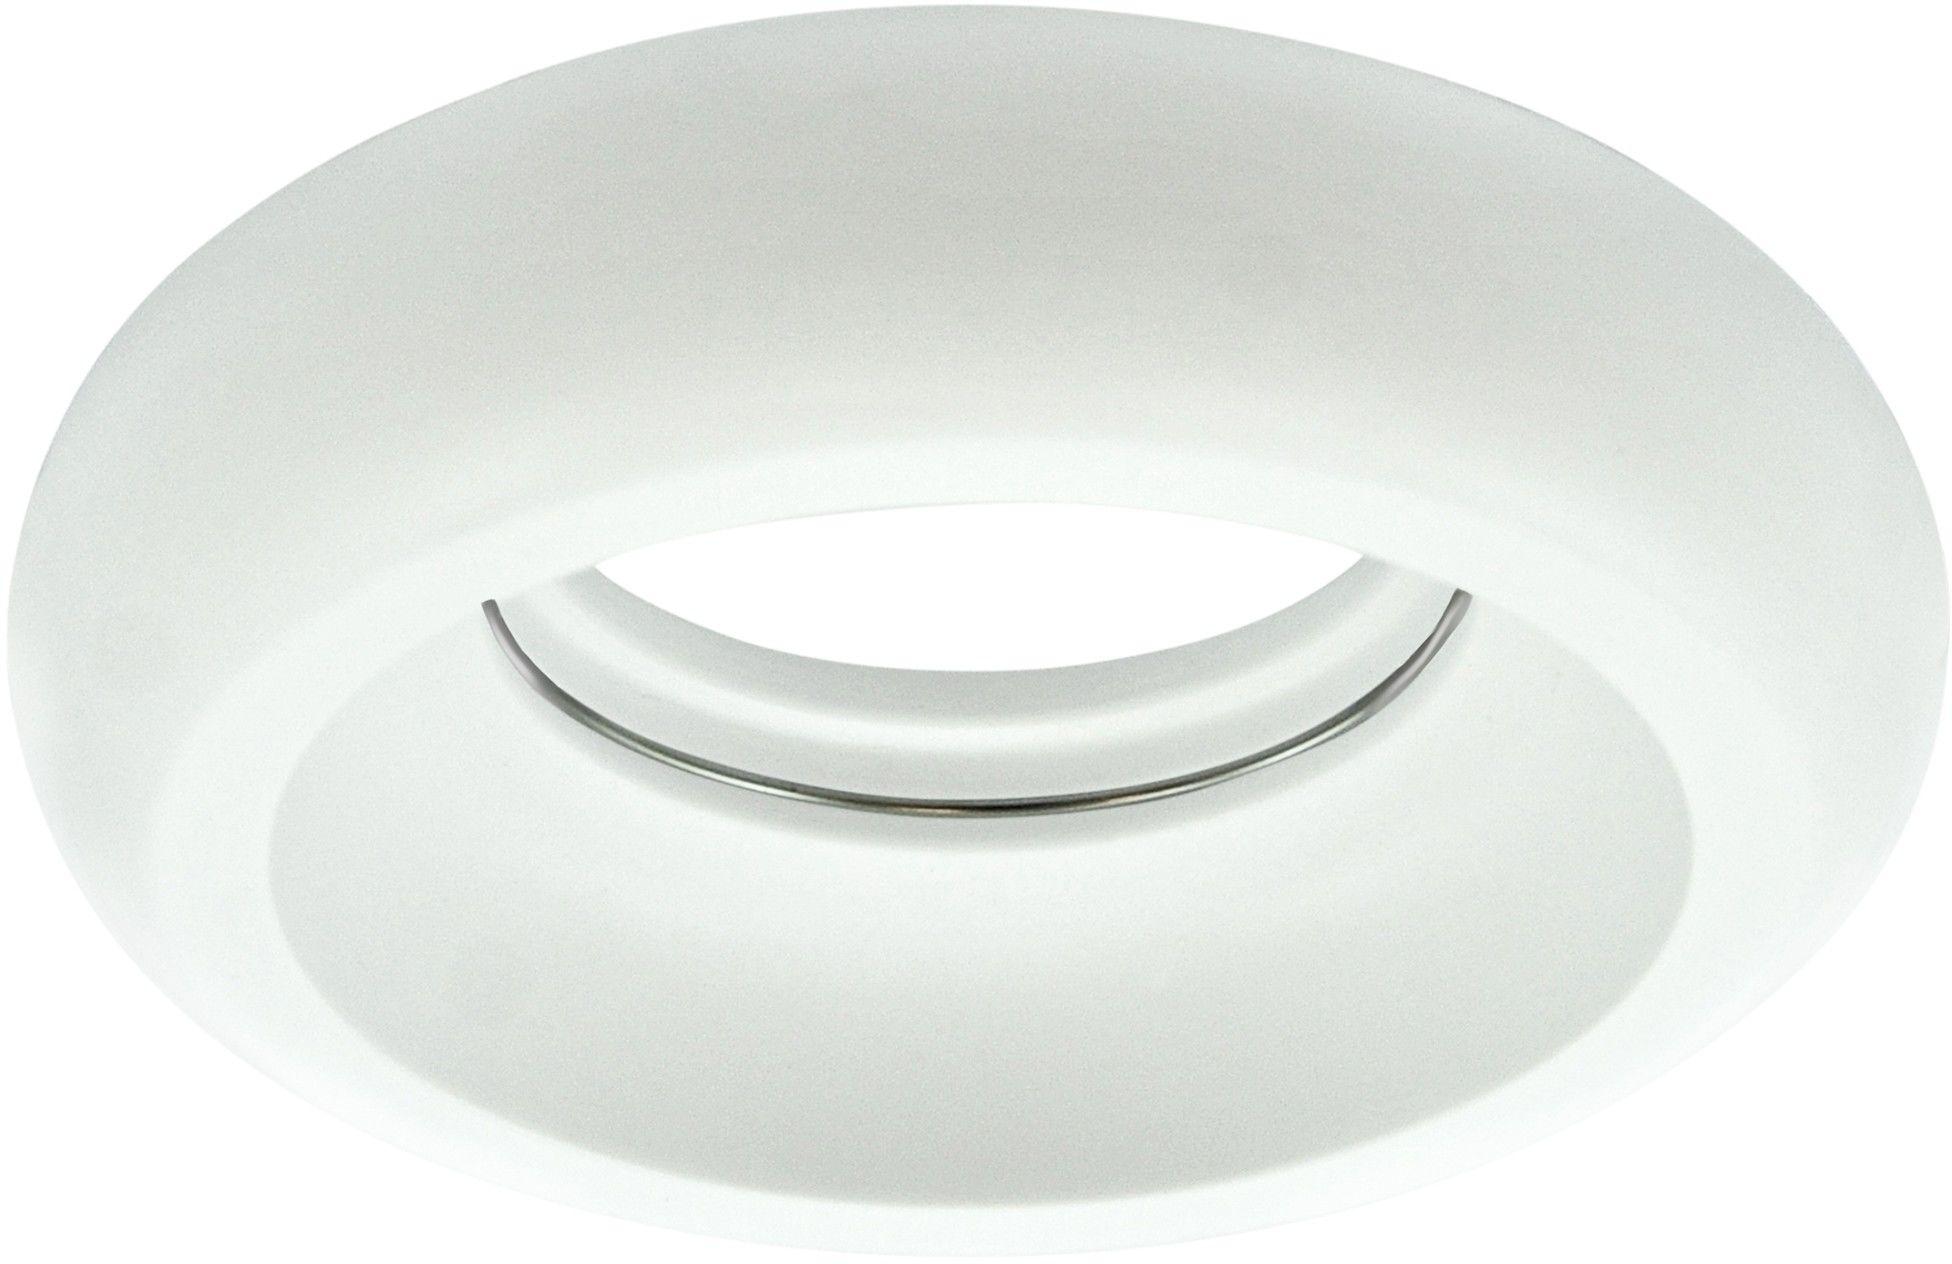 Oczko podtynkowe gipsowe 1x5W LED 12V HELIOS białe matowe 310002 POLUX/SANICO